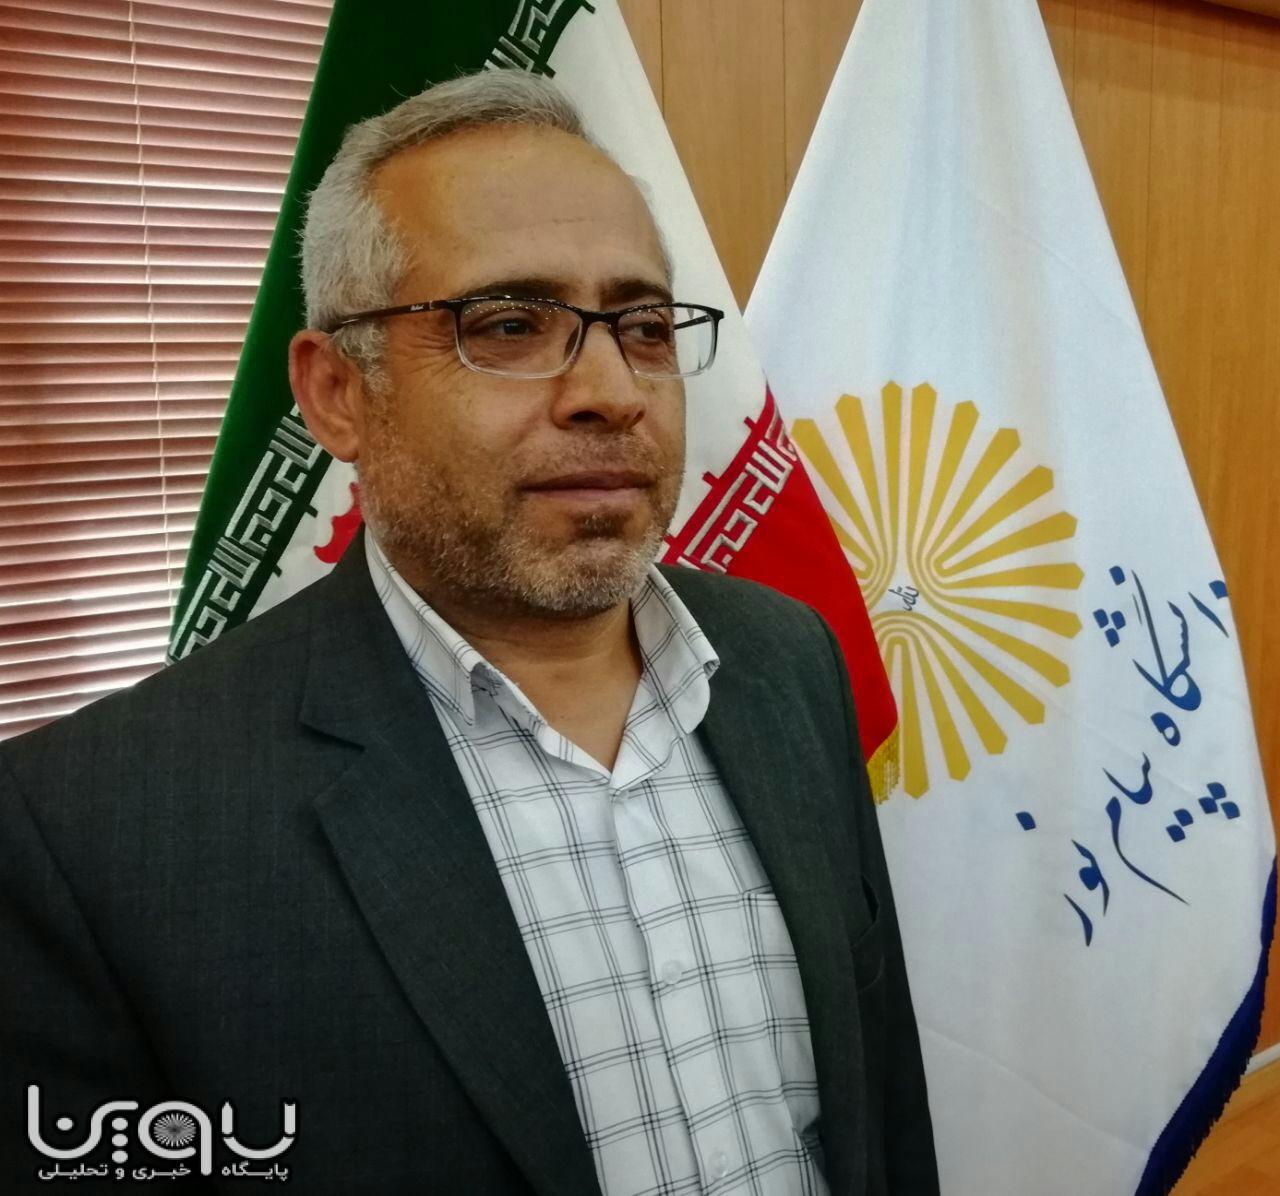 حکم رئیس مرکز نظارت و ارزیابی وزارت علوم برای عضو علمی دانشگاه پیام نور